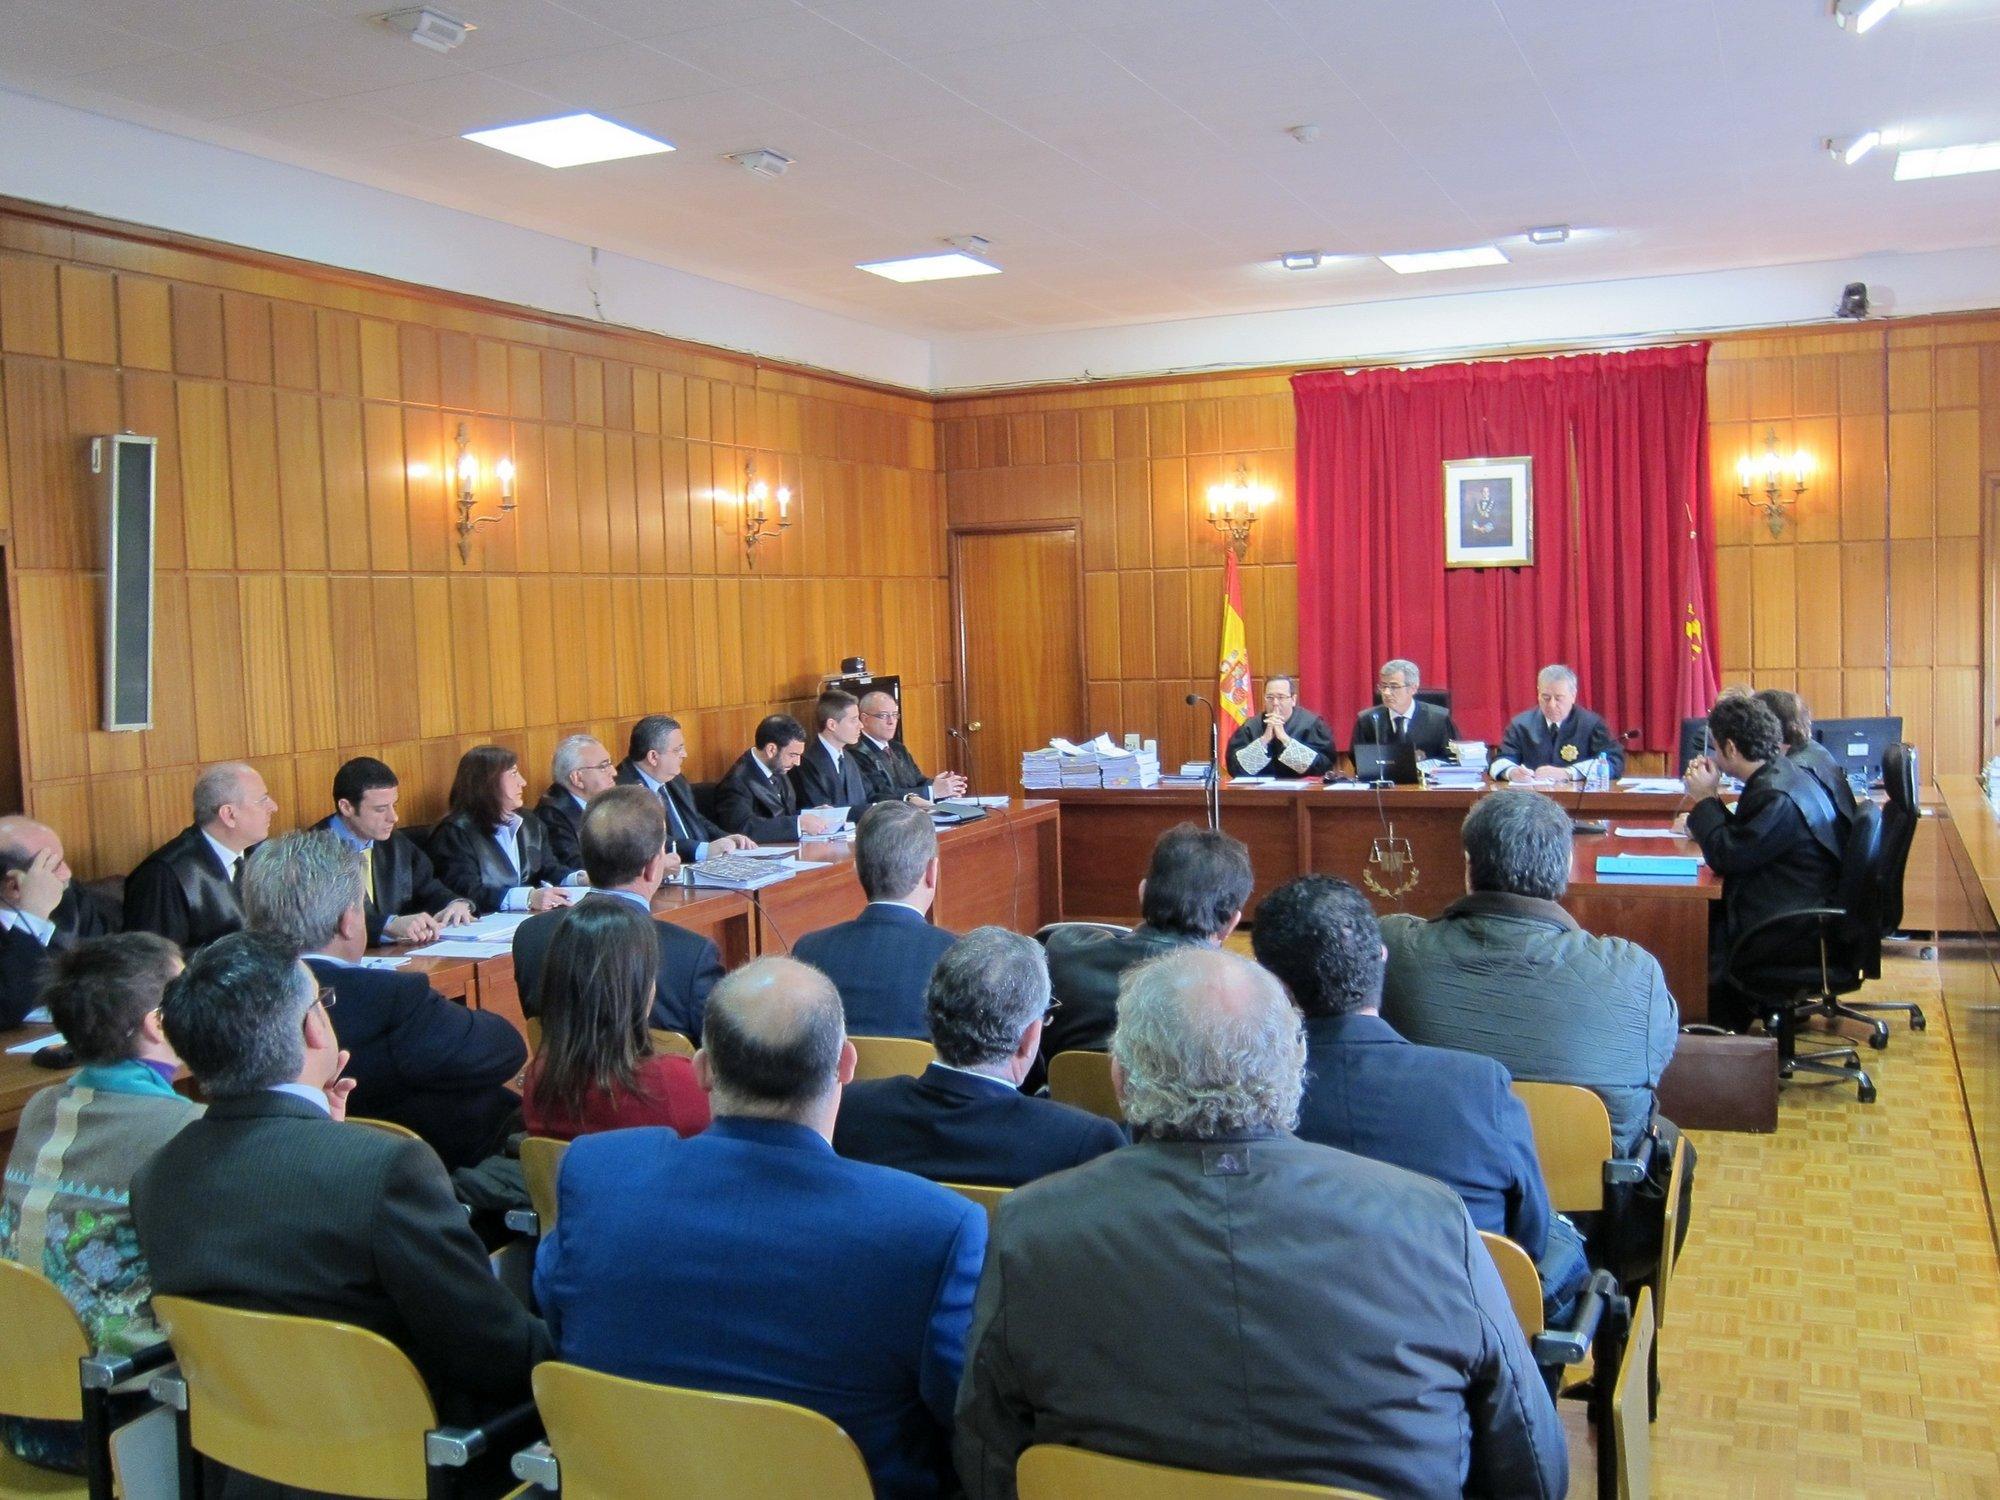 El Ministerio fiscal llega a un acuerdo con los 11 imputados por corrupción urbanística en Totana y no habrá juicio